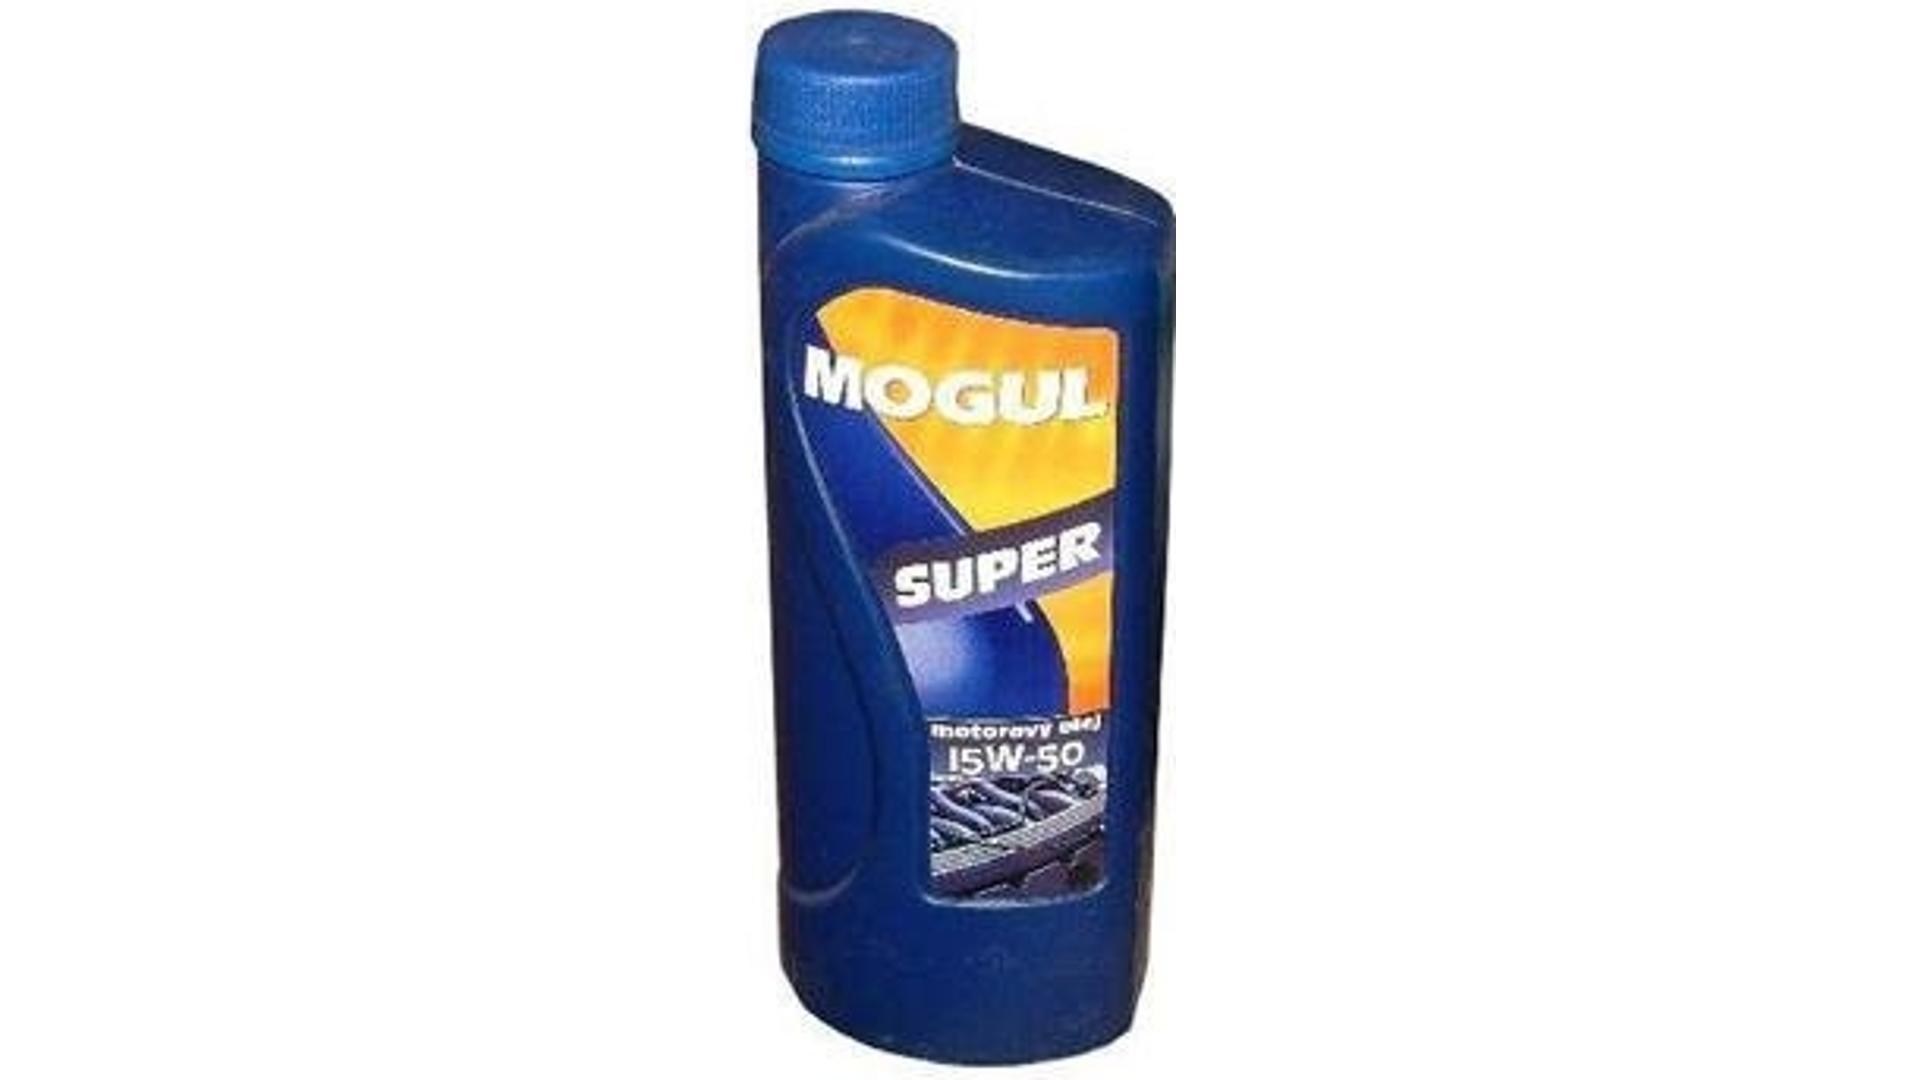 MOGUL SUPER 15W-50 (M8AD) /1